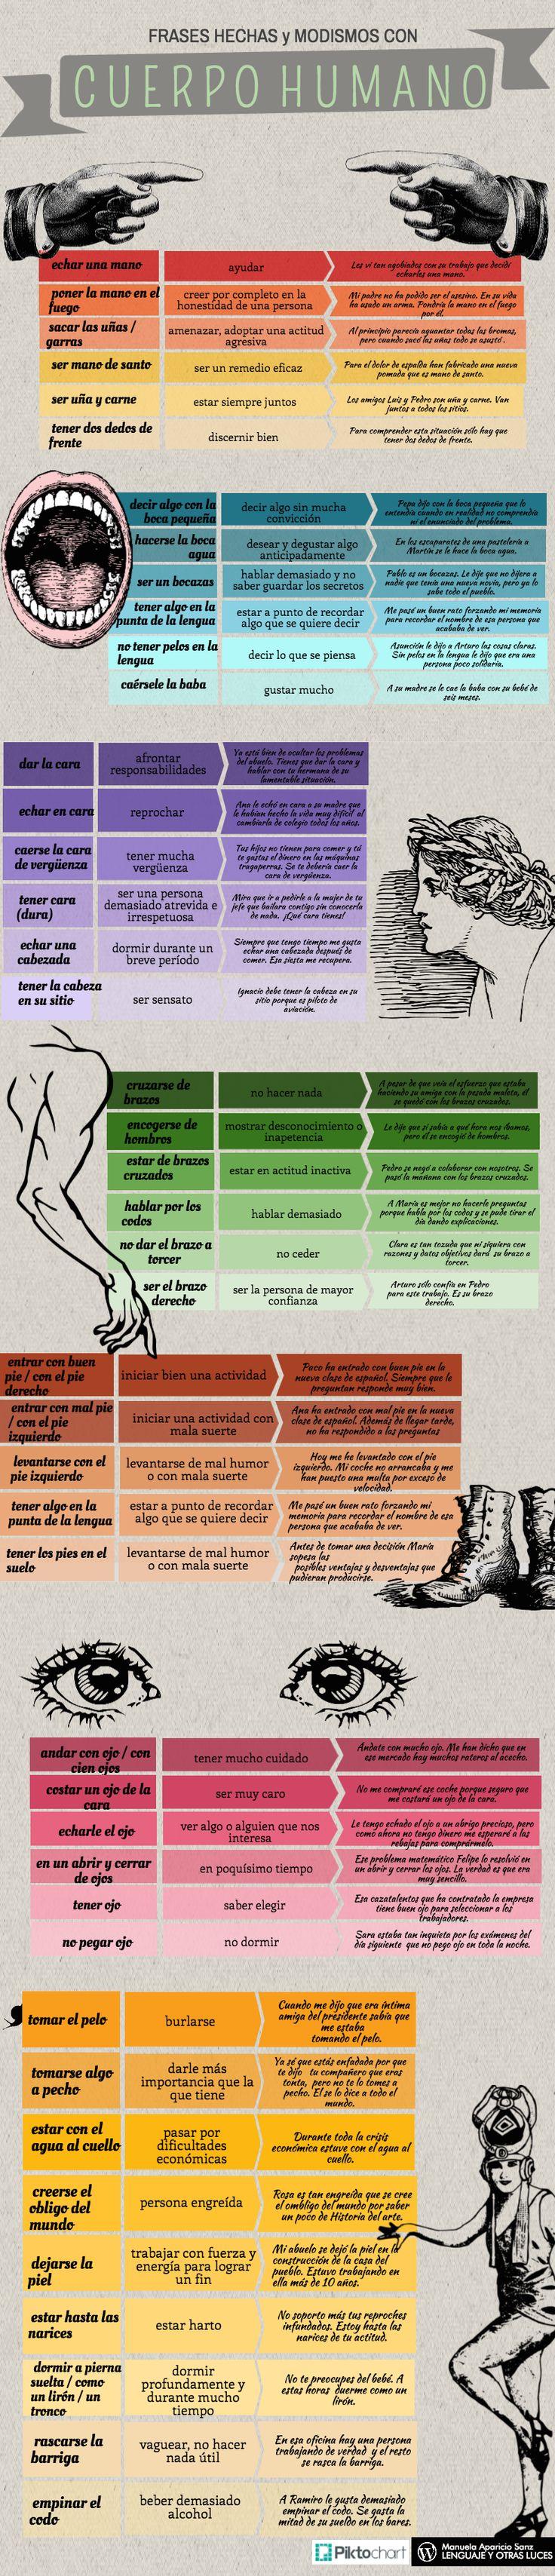 Frases hechas, modismos y expresiones con el cuerpo humano. https://lenguajeyotrasluces.wordpress.com/